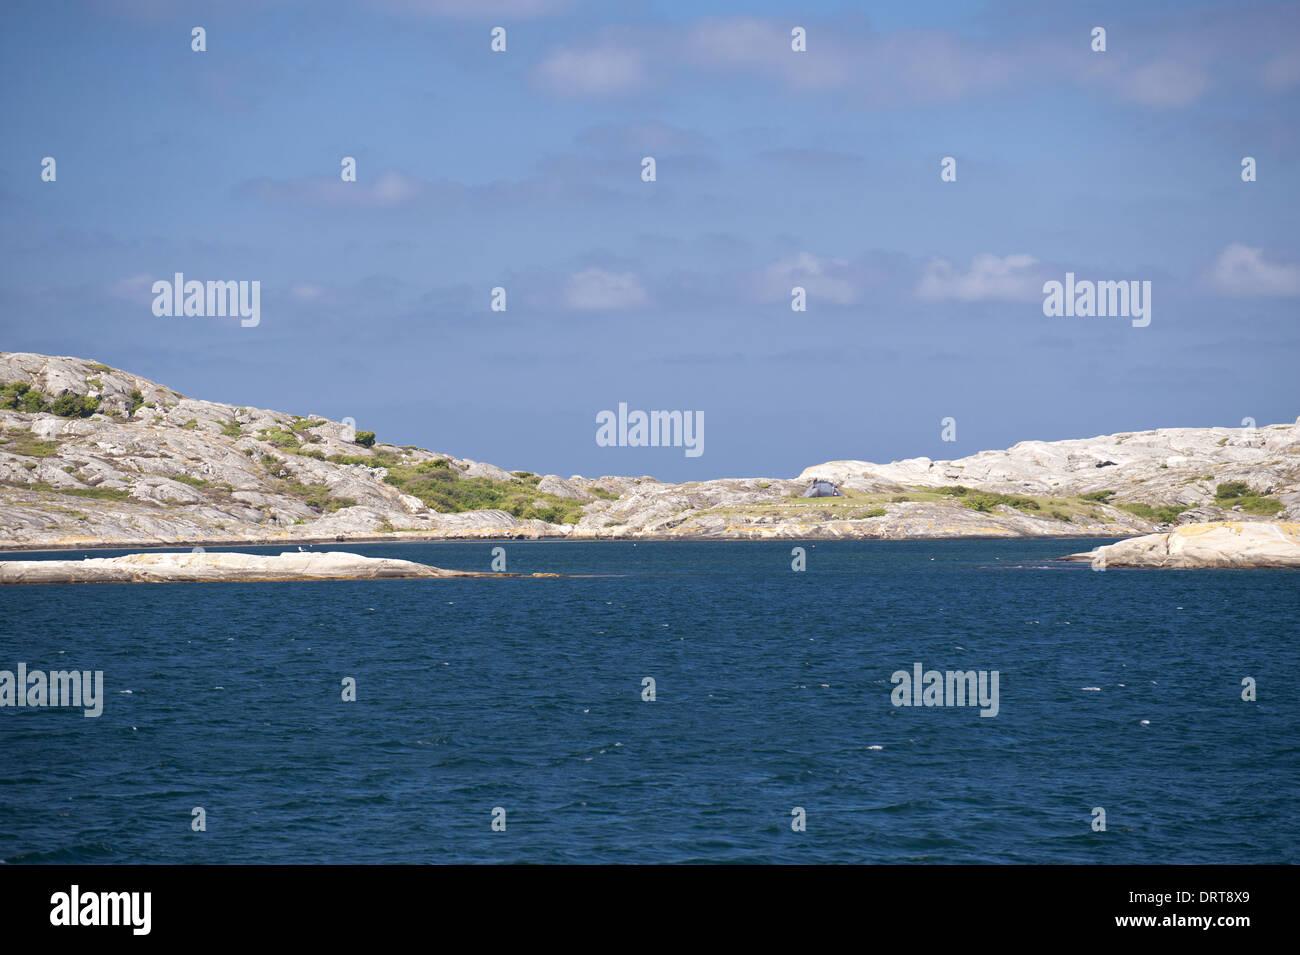 Archipelago - Stock Image